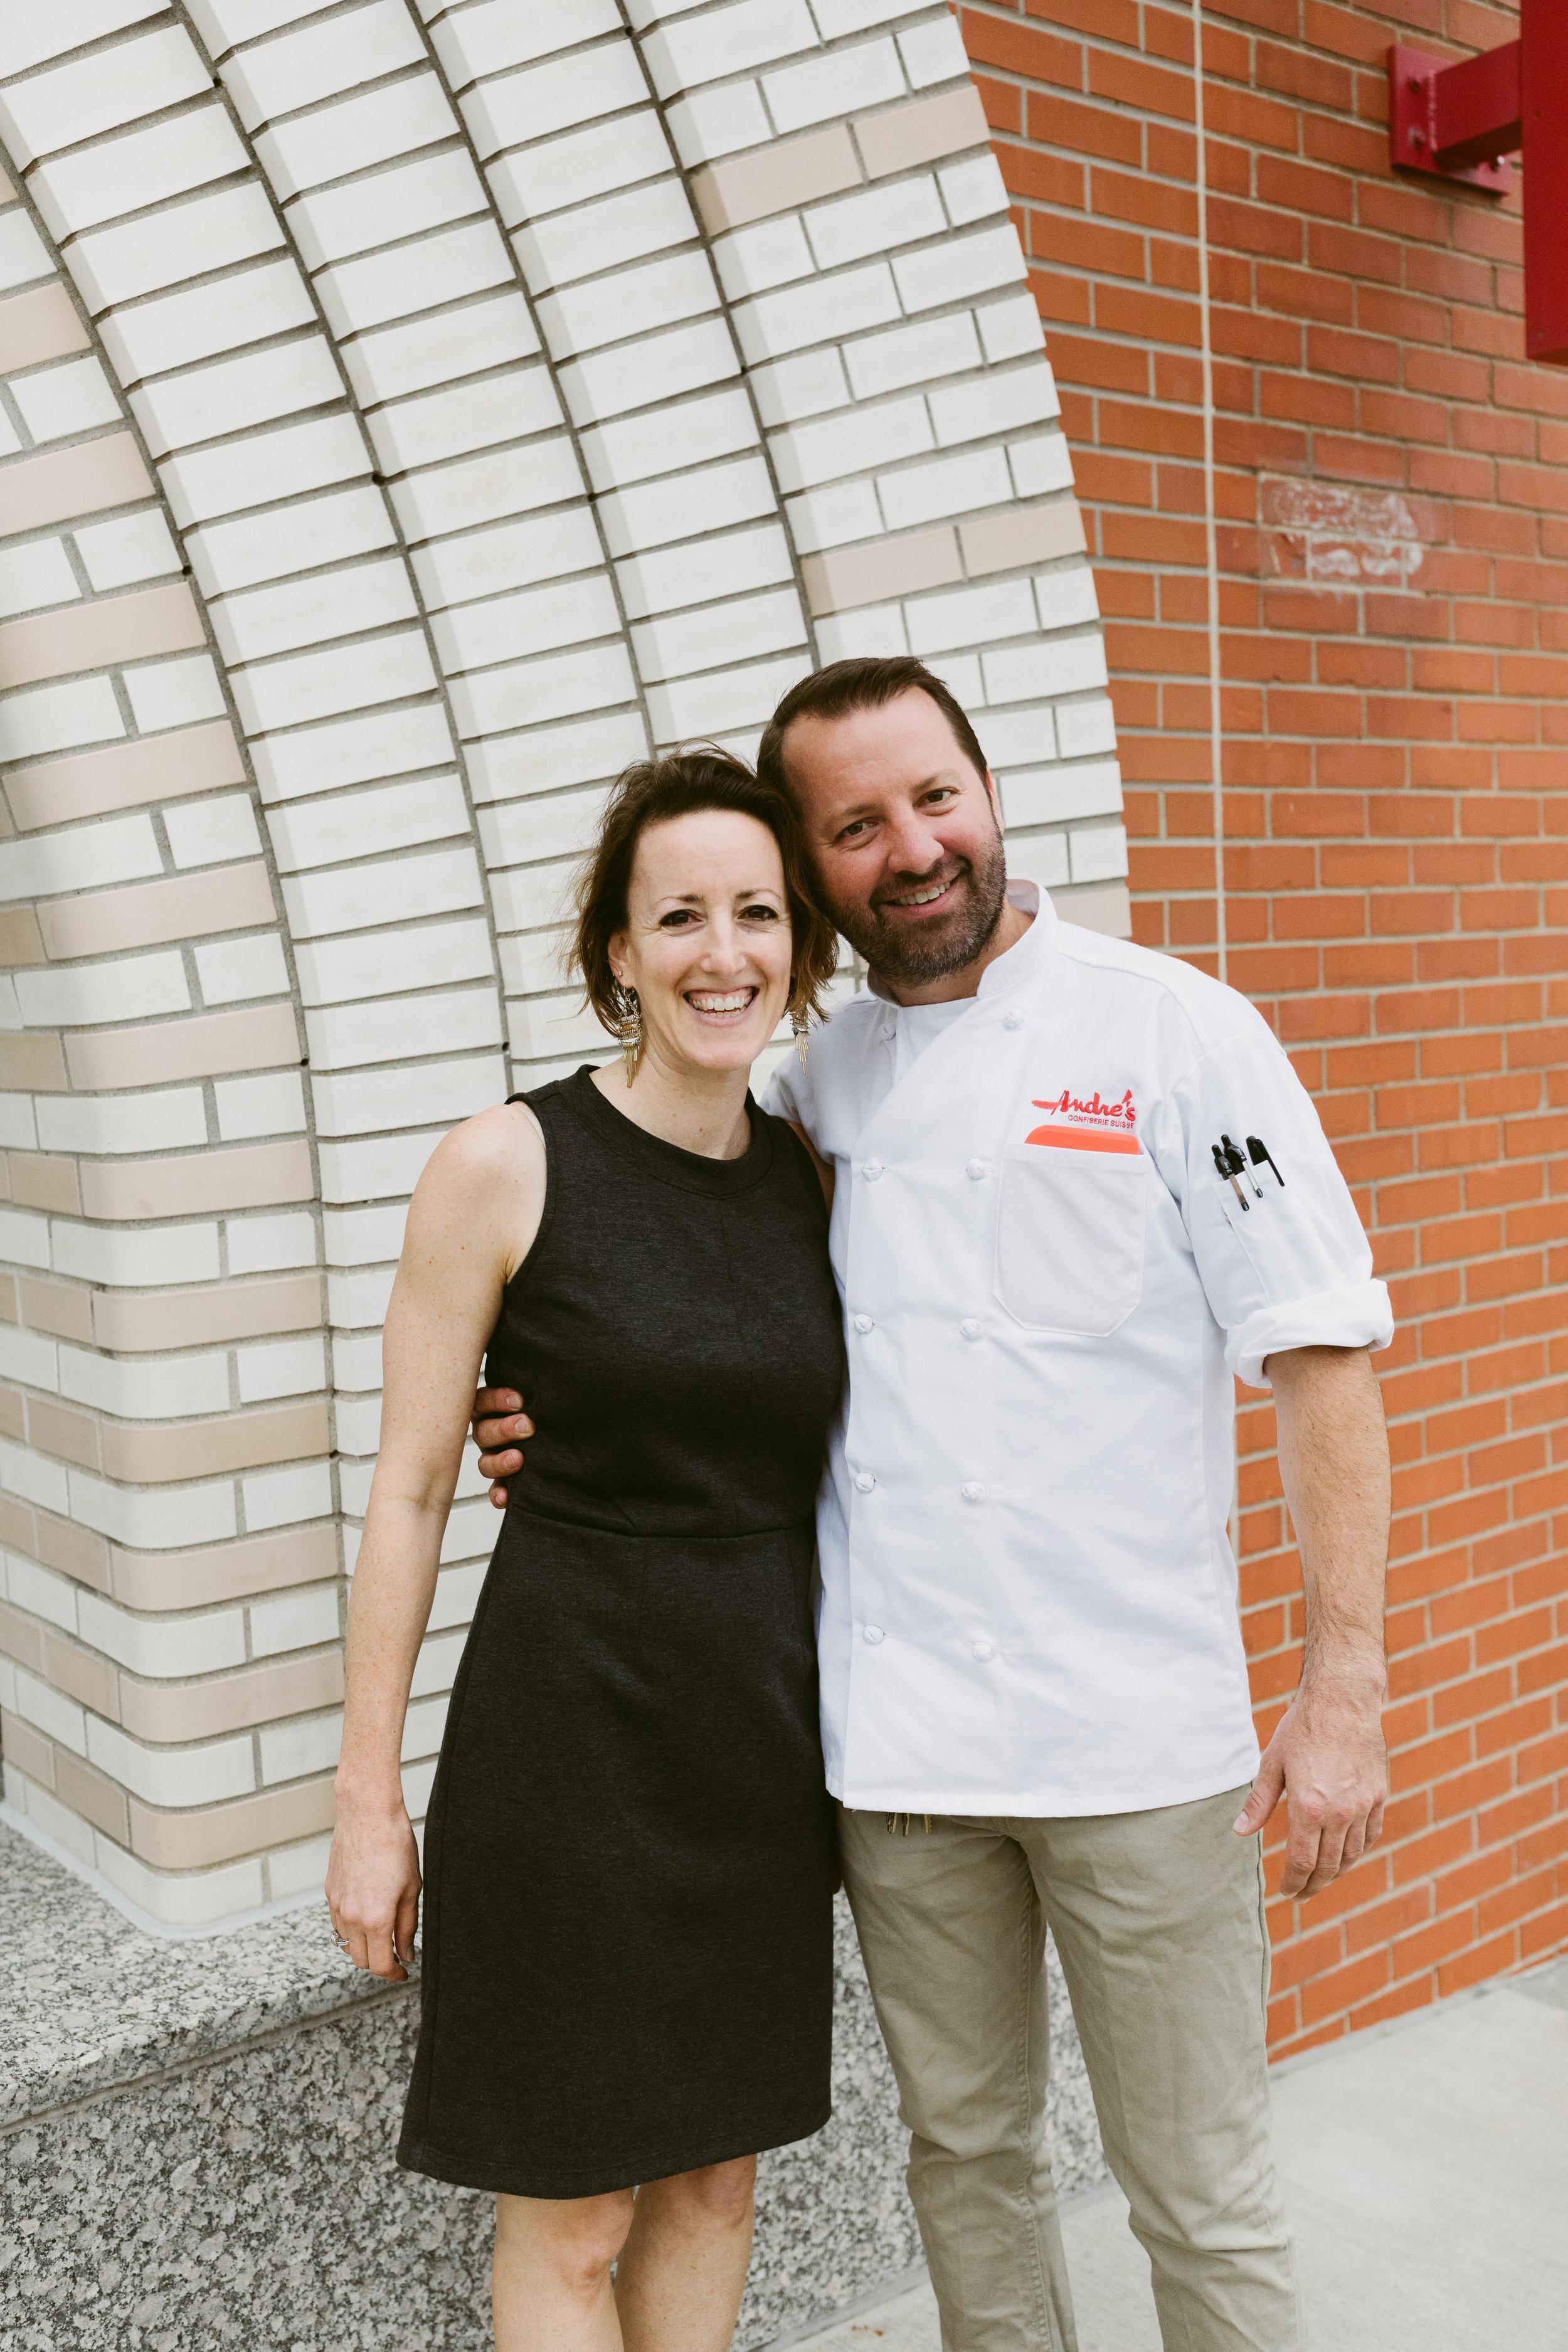 René and Nancy Bollier. All photos by Kaley Kocinski